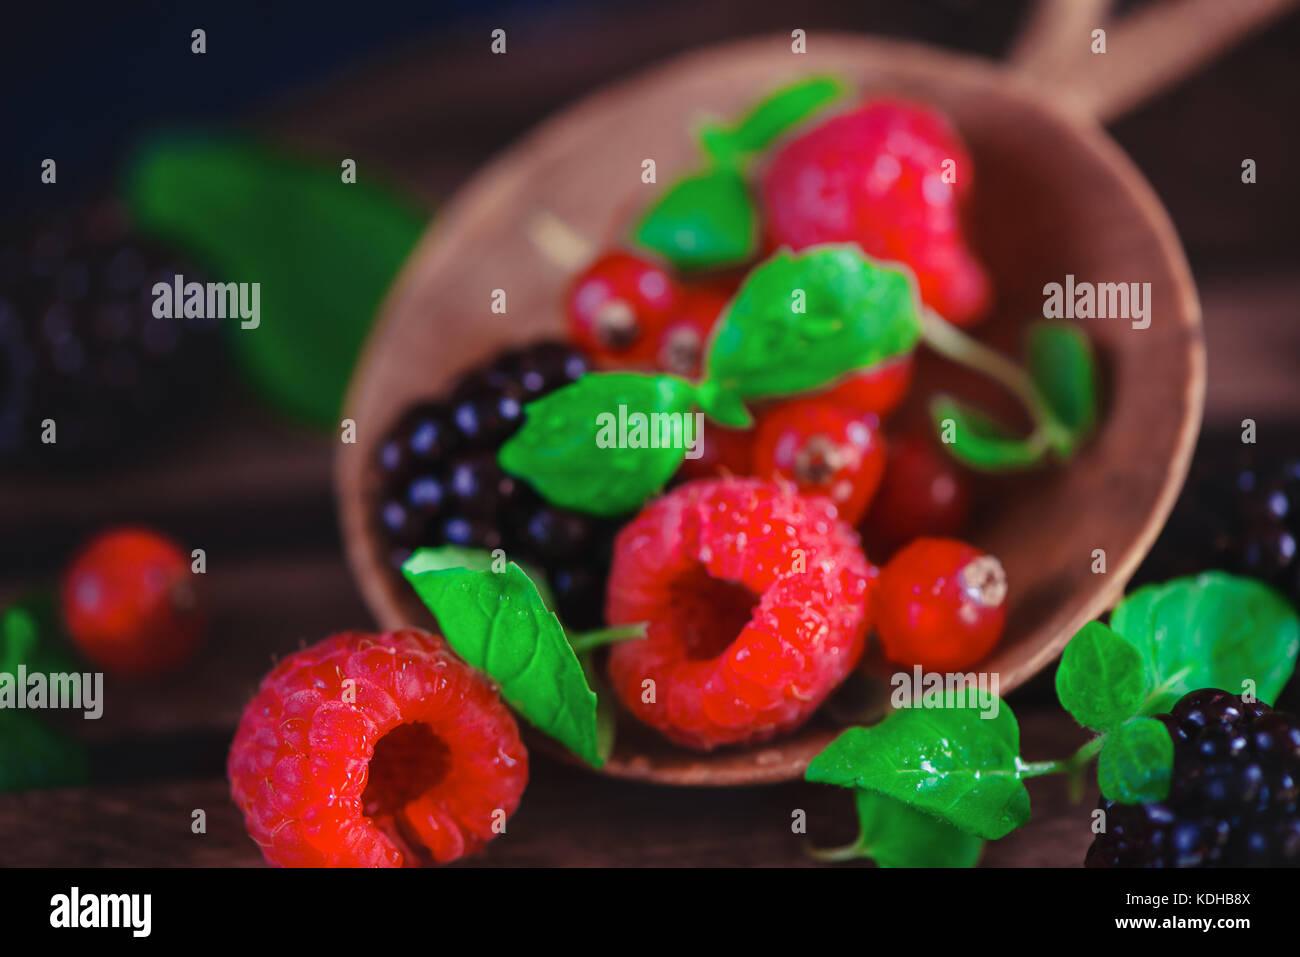 Close-up di piccola ciotola di legno con lamponi freschi, mirtilli, ribes e foglie di menta. scuro fotografia alimentare Immagini Stock